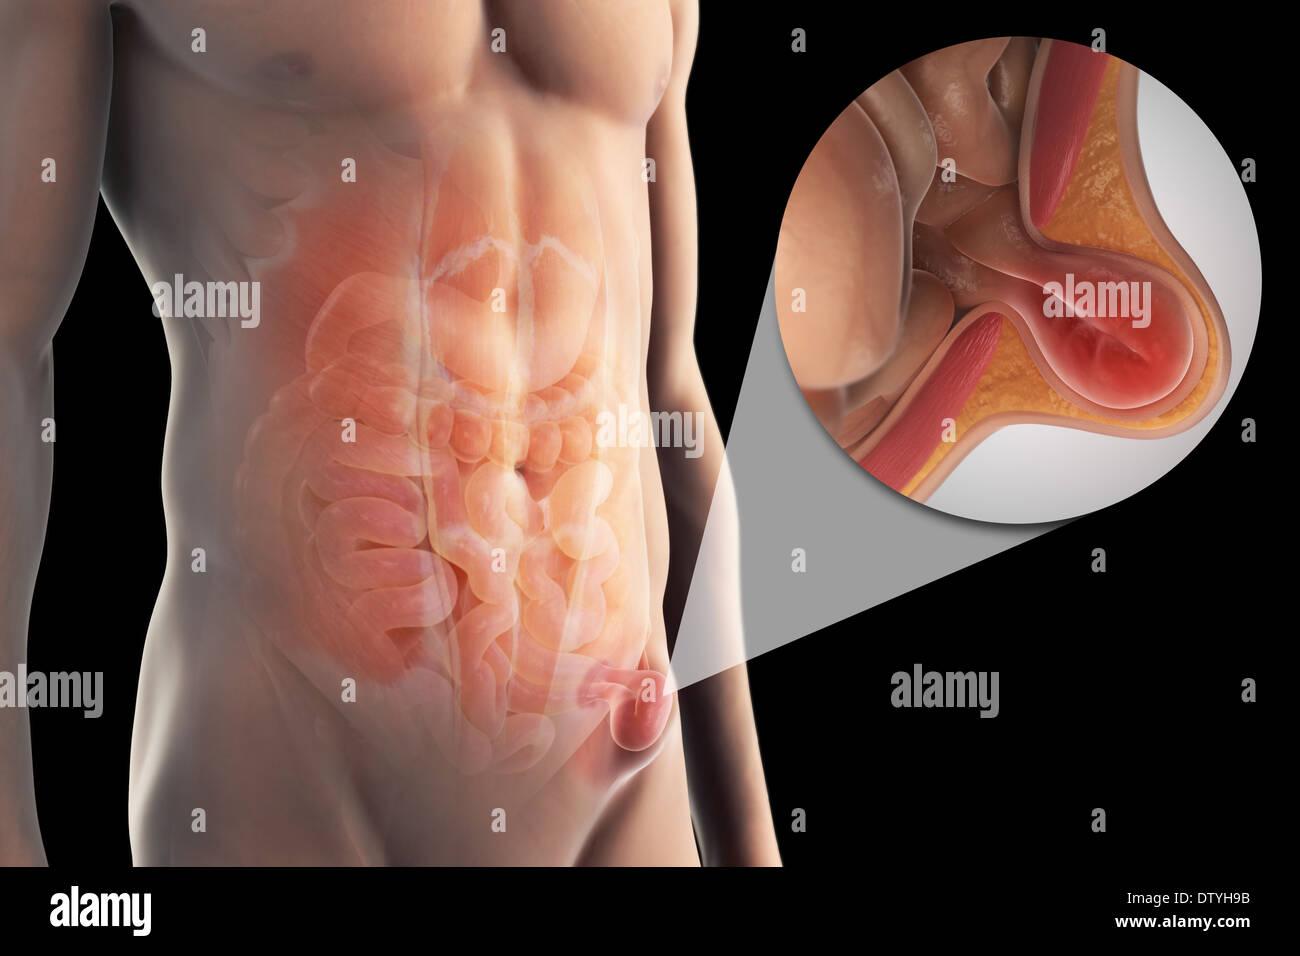 Beste Anatomie Und Physiologie Der Hernie Fotos - Menschliche ...